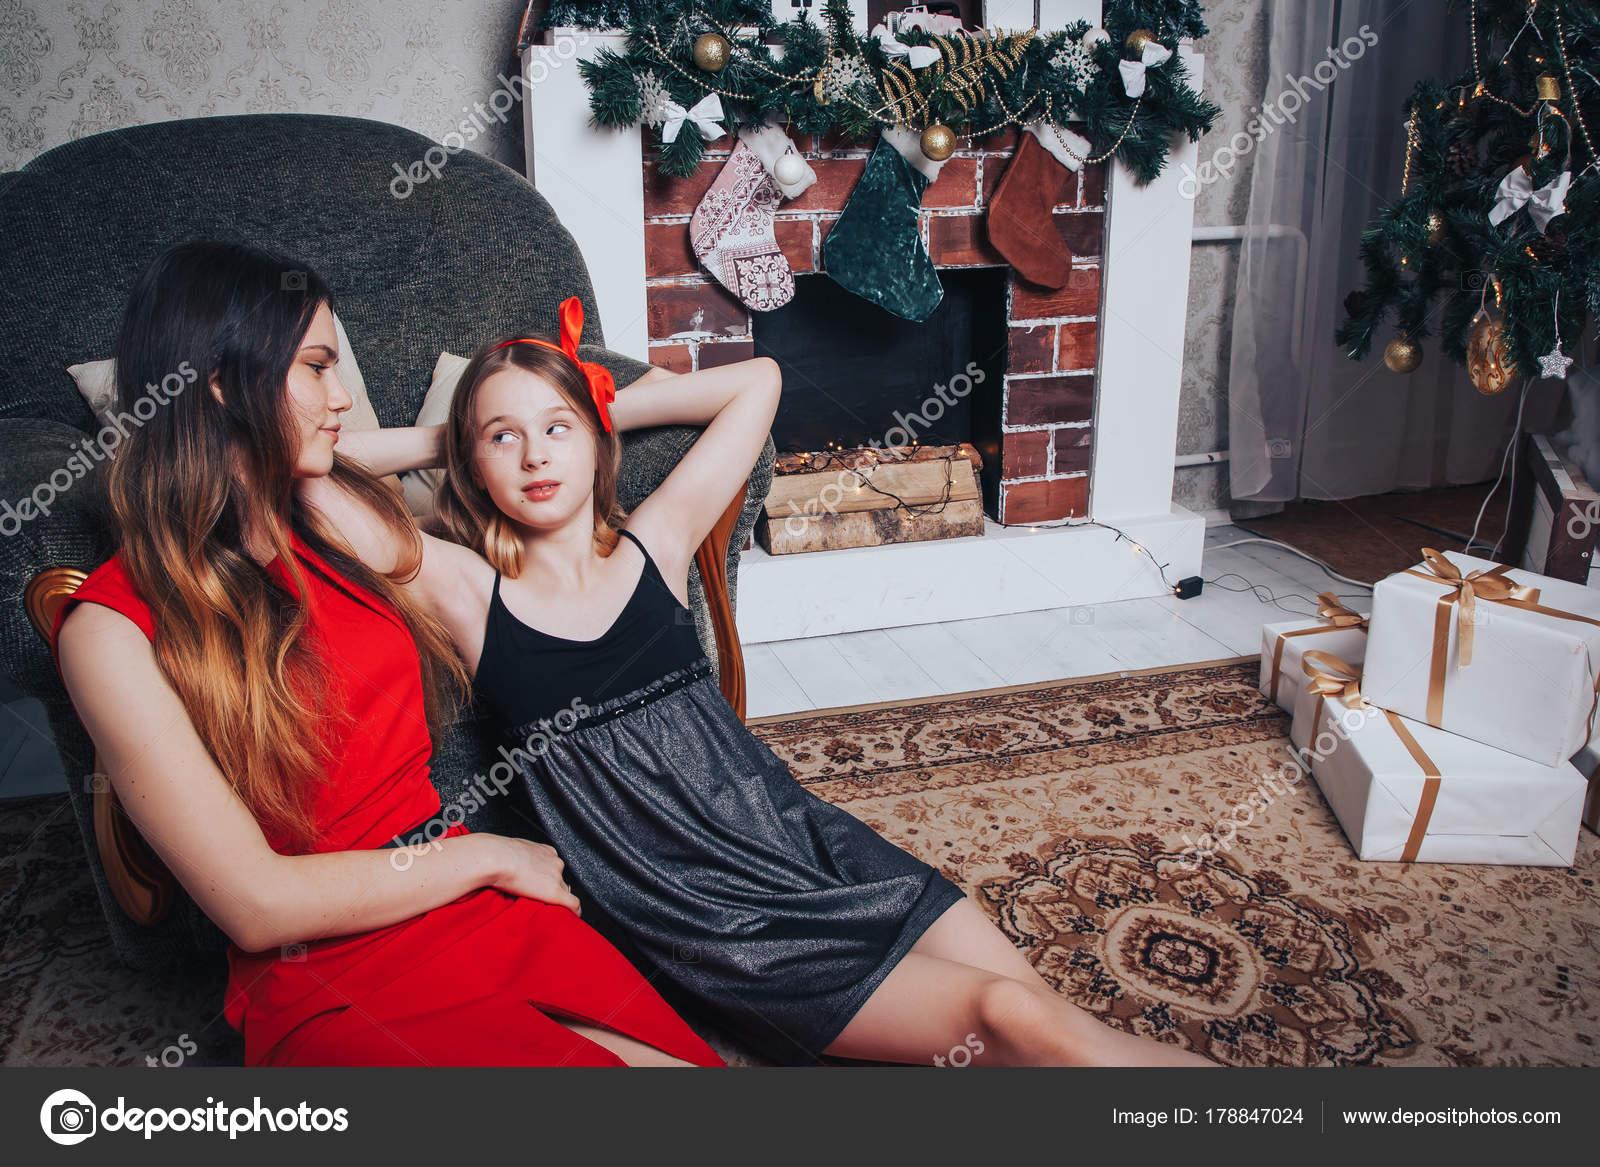 Decorazioni Sala Capodanno : Due ragazze sono sorelle relax e divertimento in una sala decorata